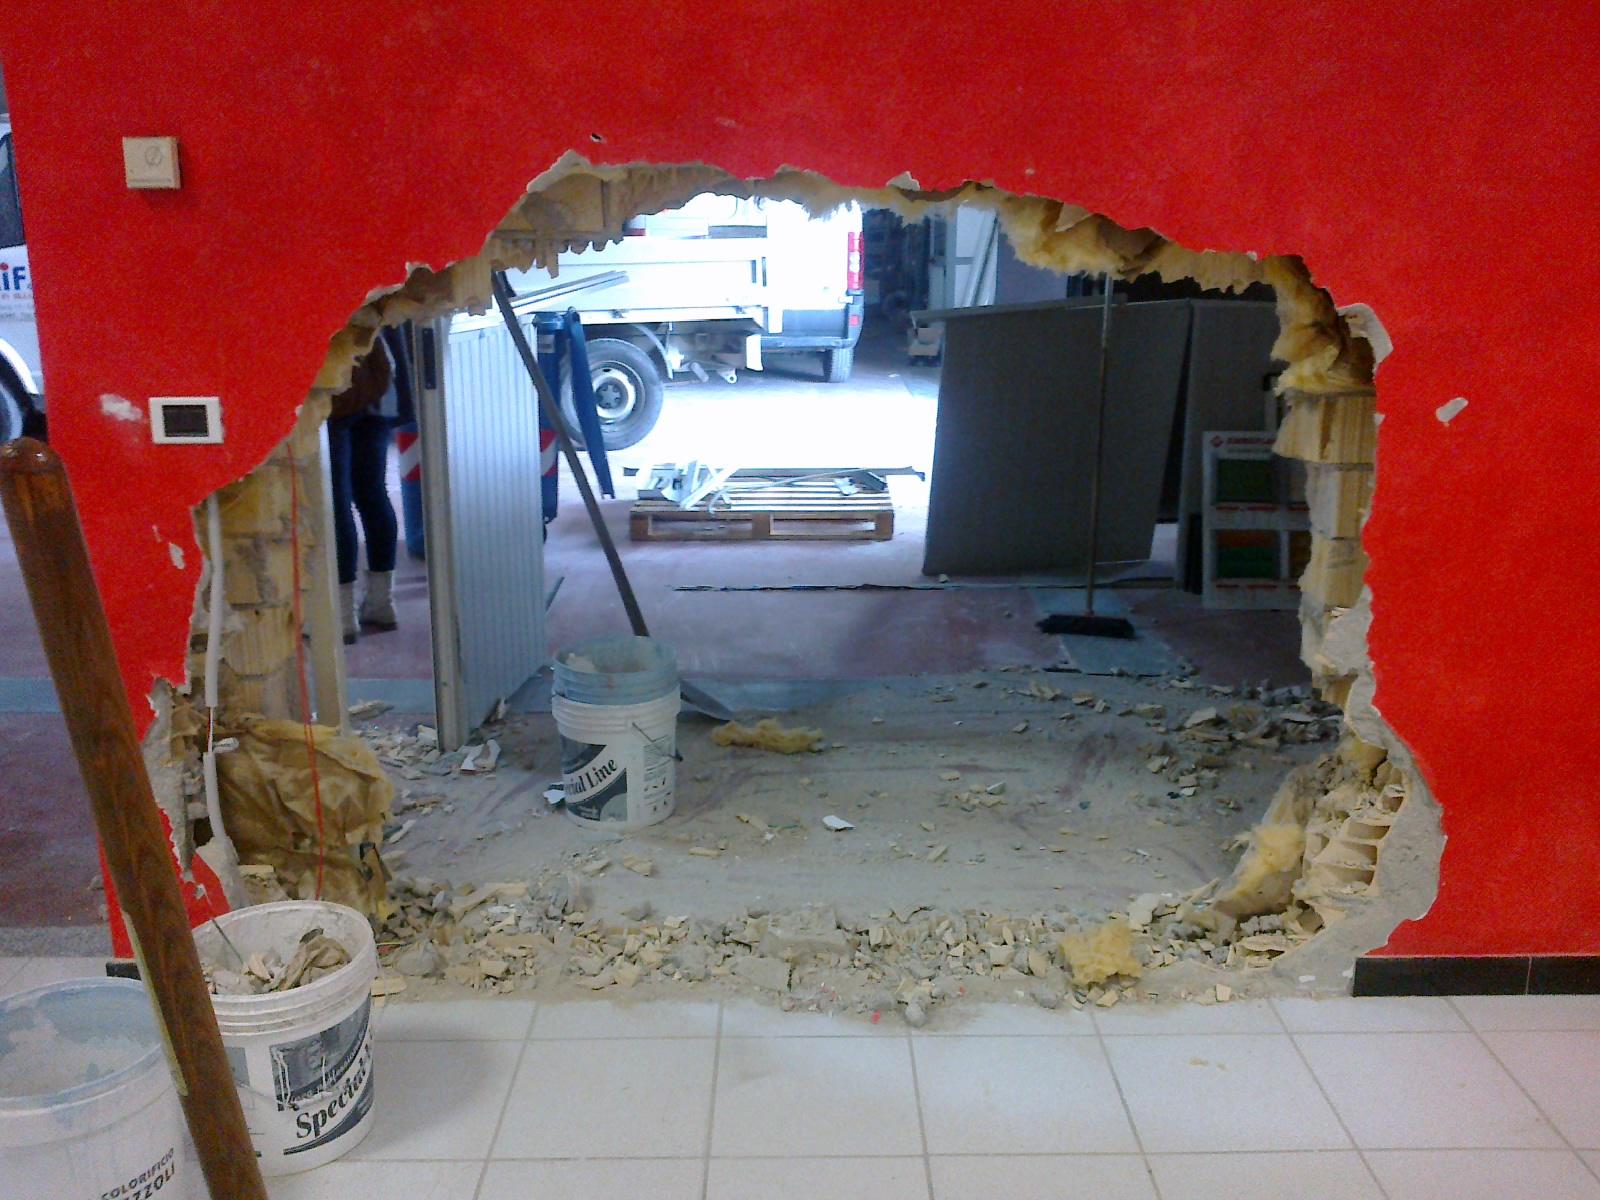 Uno dei muri sfondati con il muletto dai ladri